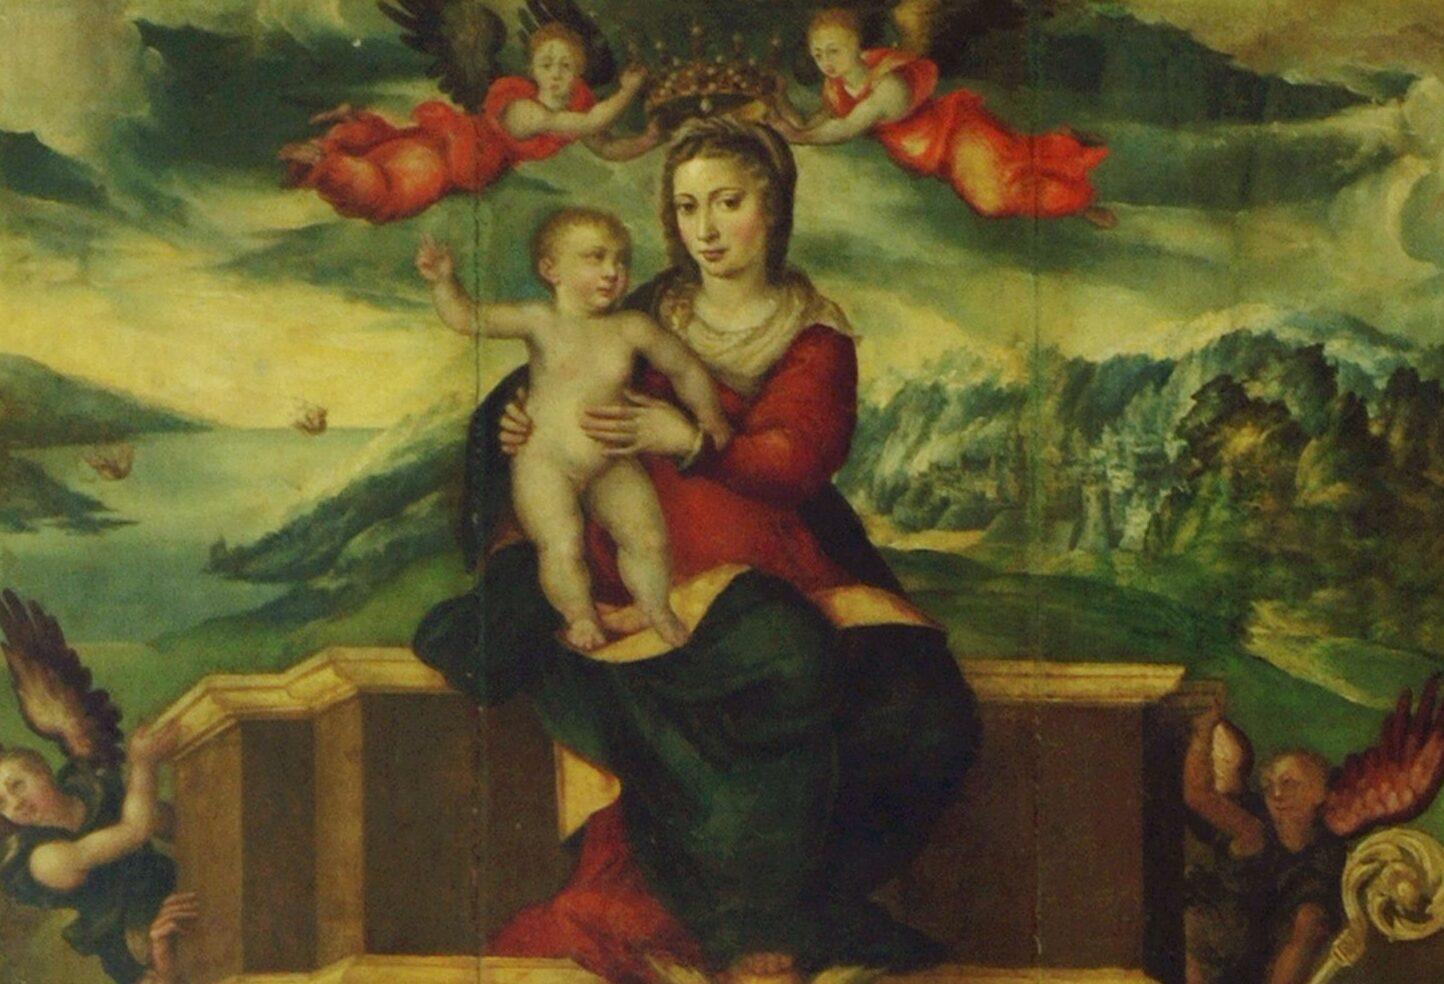 Domenico Cretti sulla Madonna dell'Itria di Sofonisba Anguissola: «Un'interpretazione molto moderna»